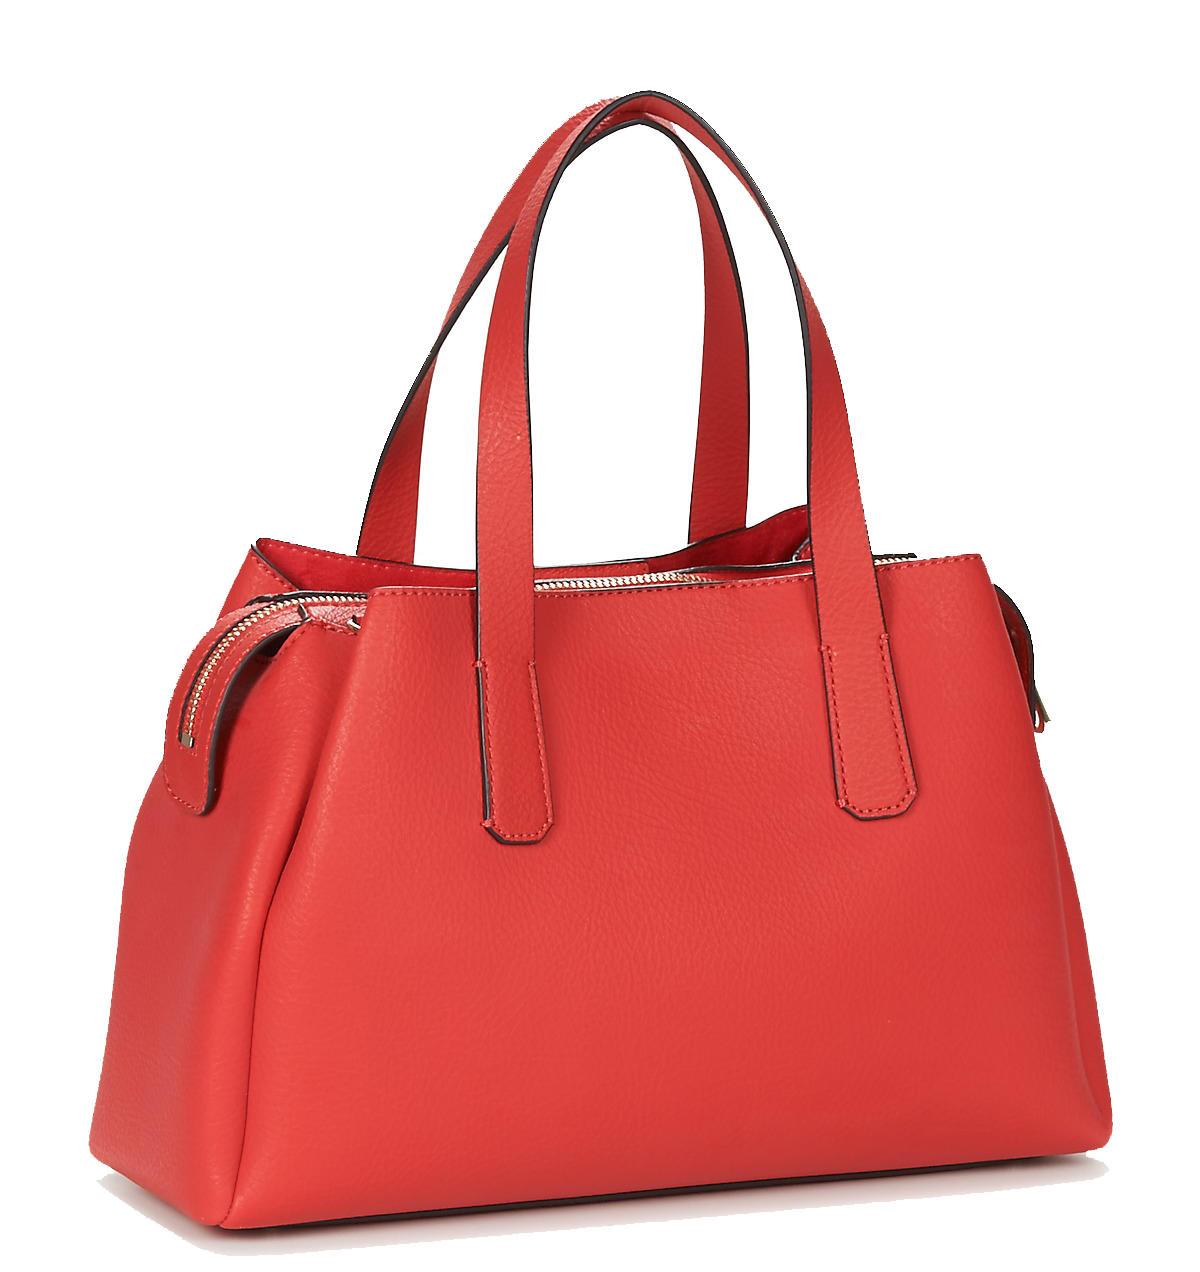 fd516e0c0ee9 Guess Trudy Shoulder Bag